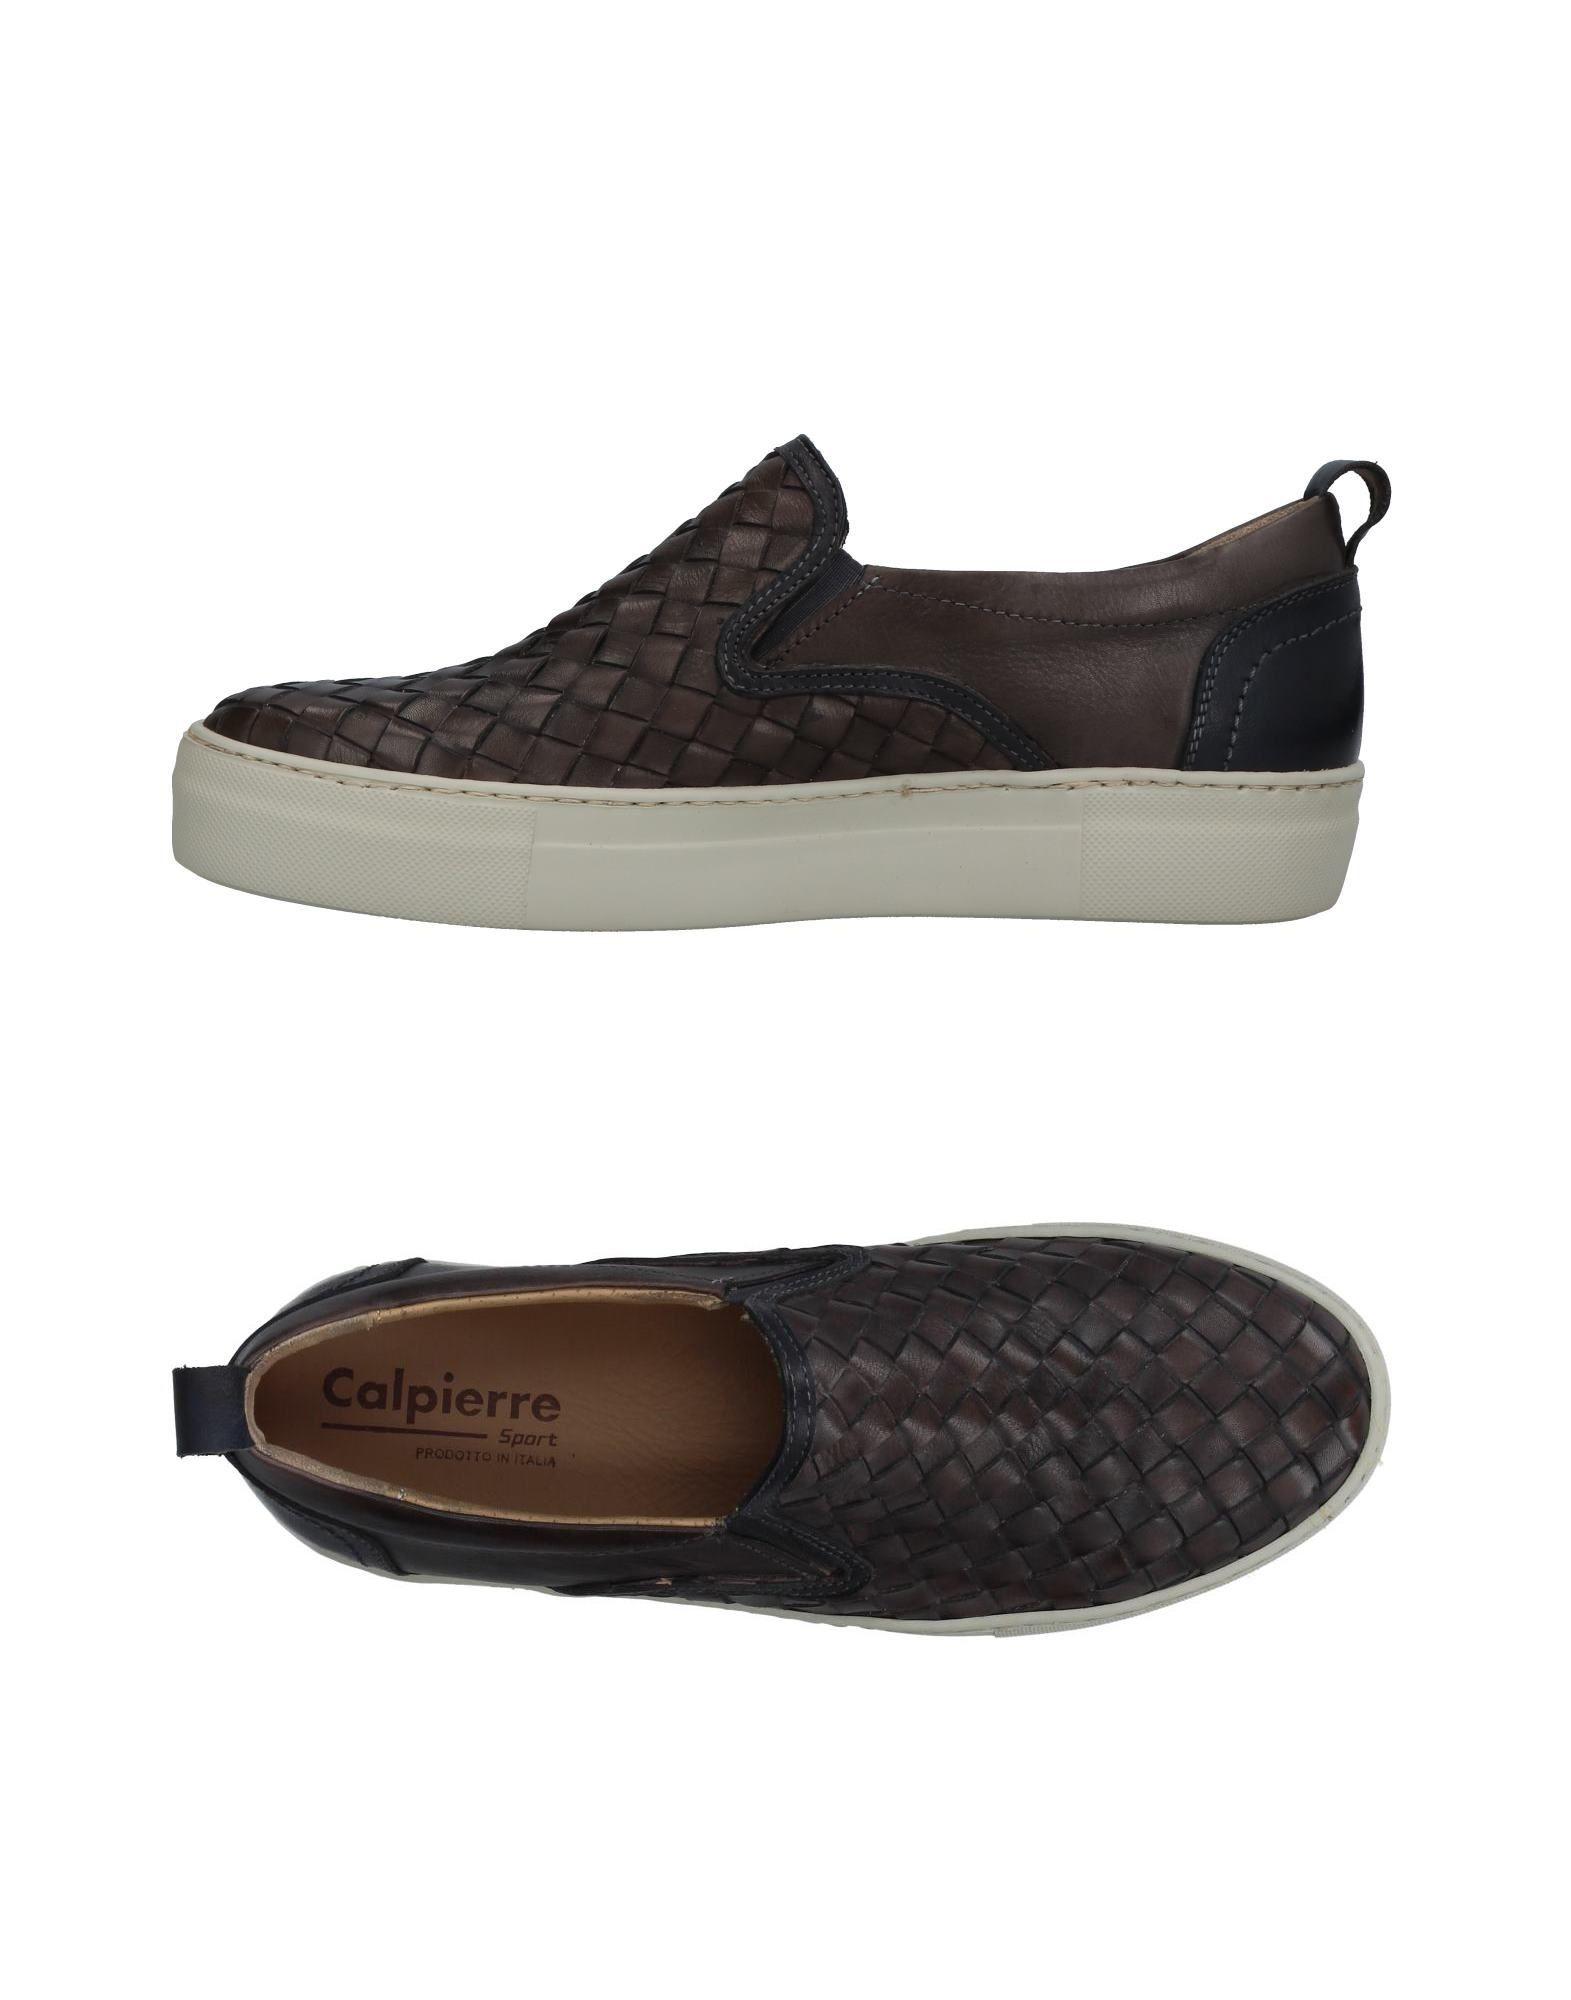 Moda Sneakers Calpierre Uomo - 11407698FM